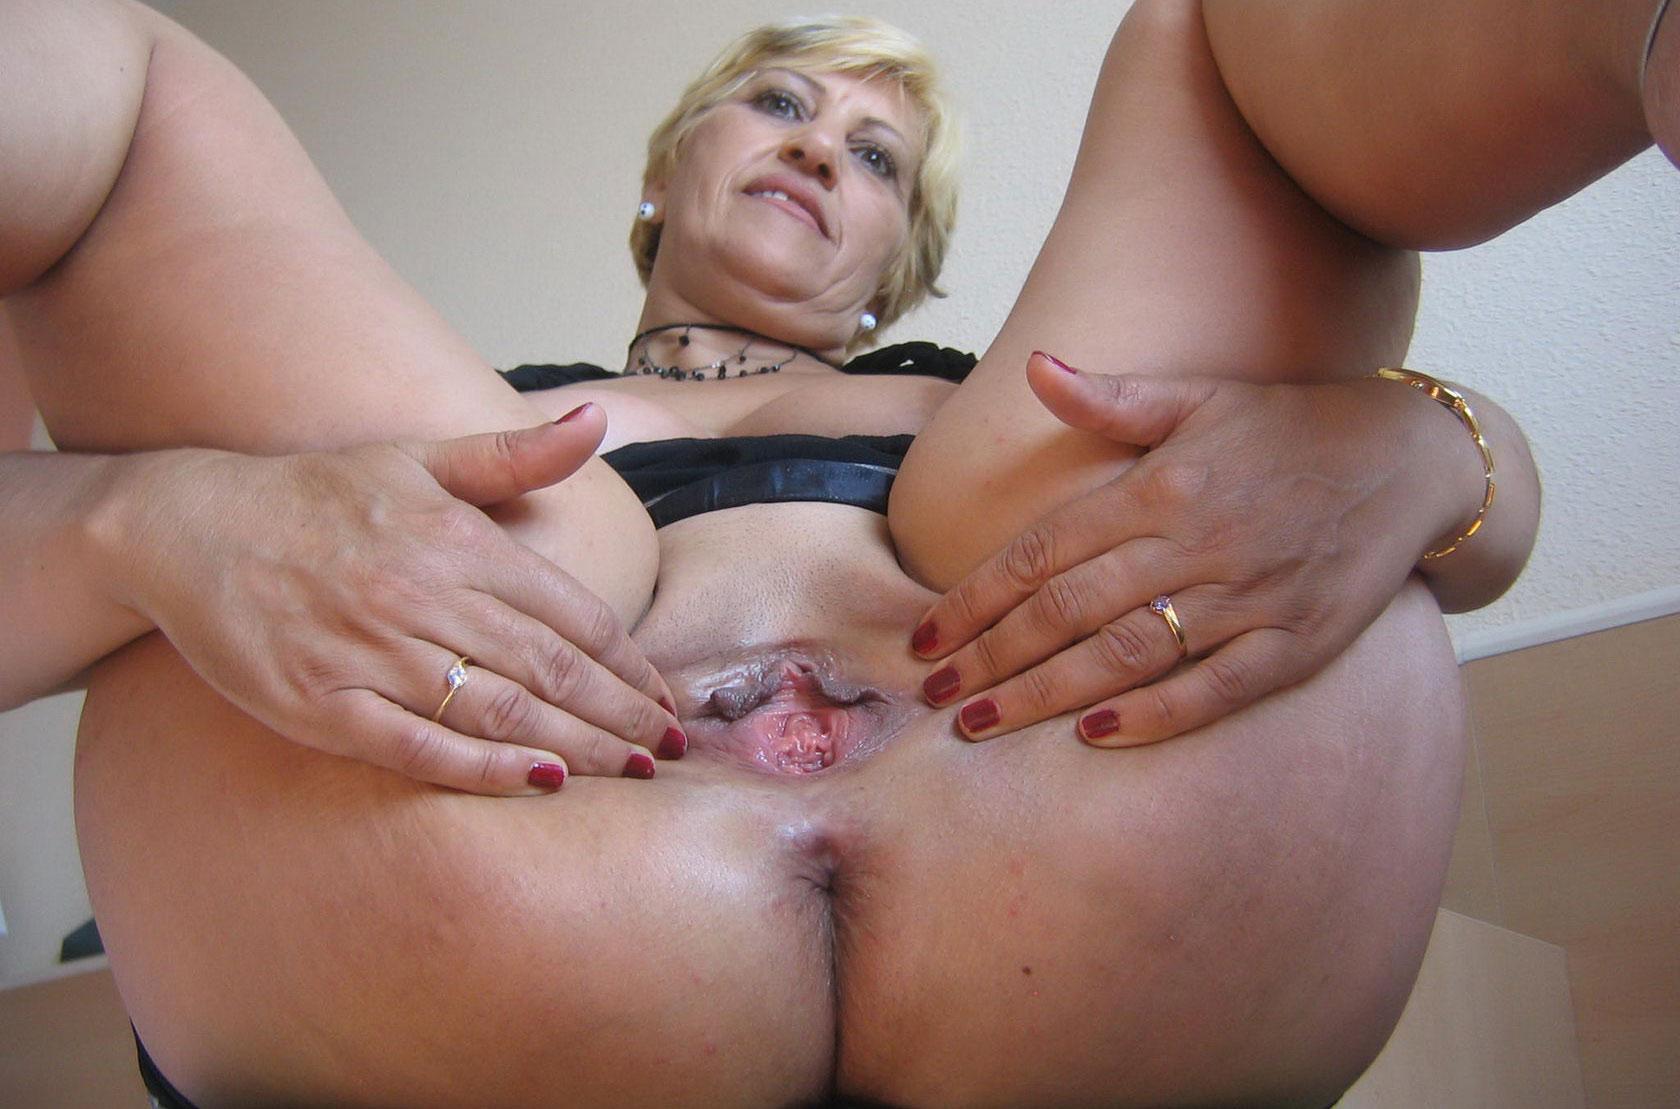 Бабы зрелые порно крупно фото